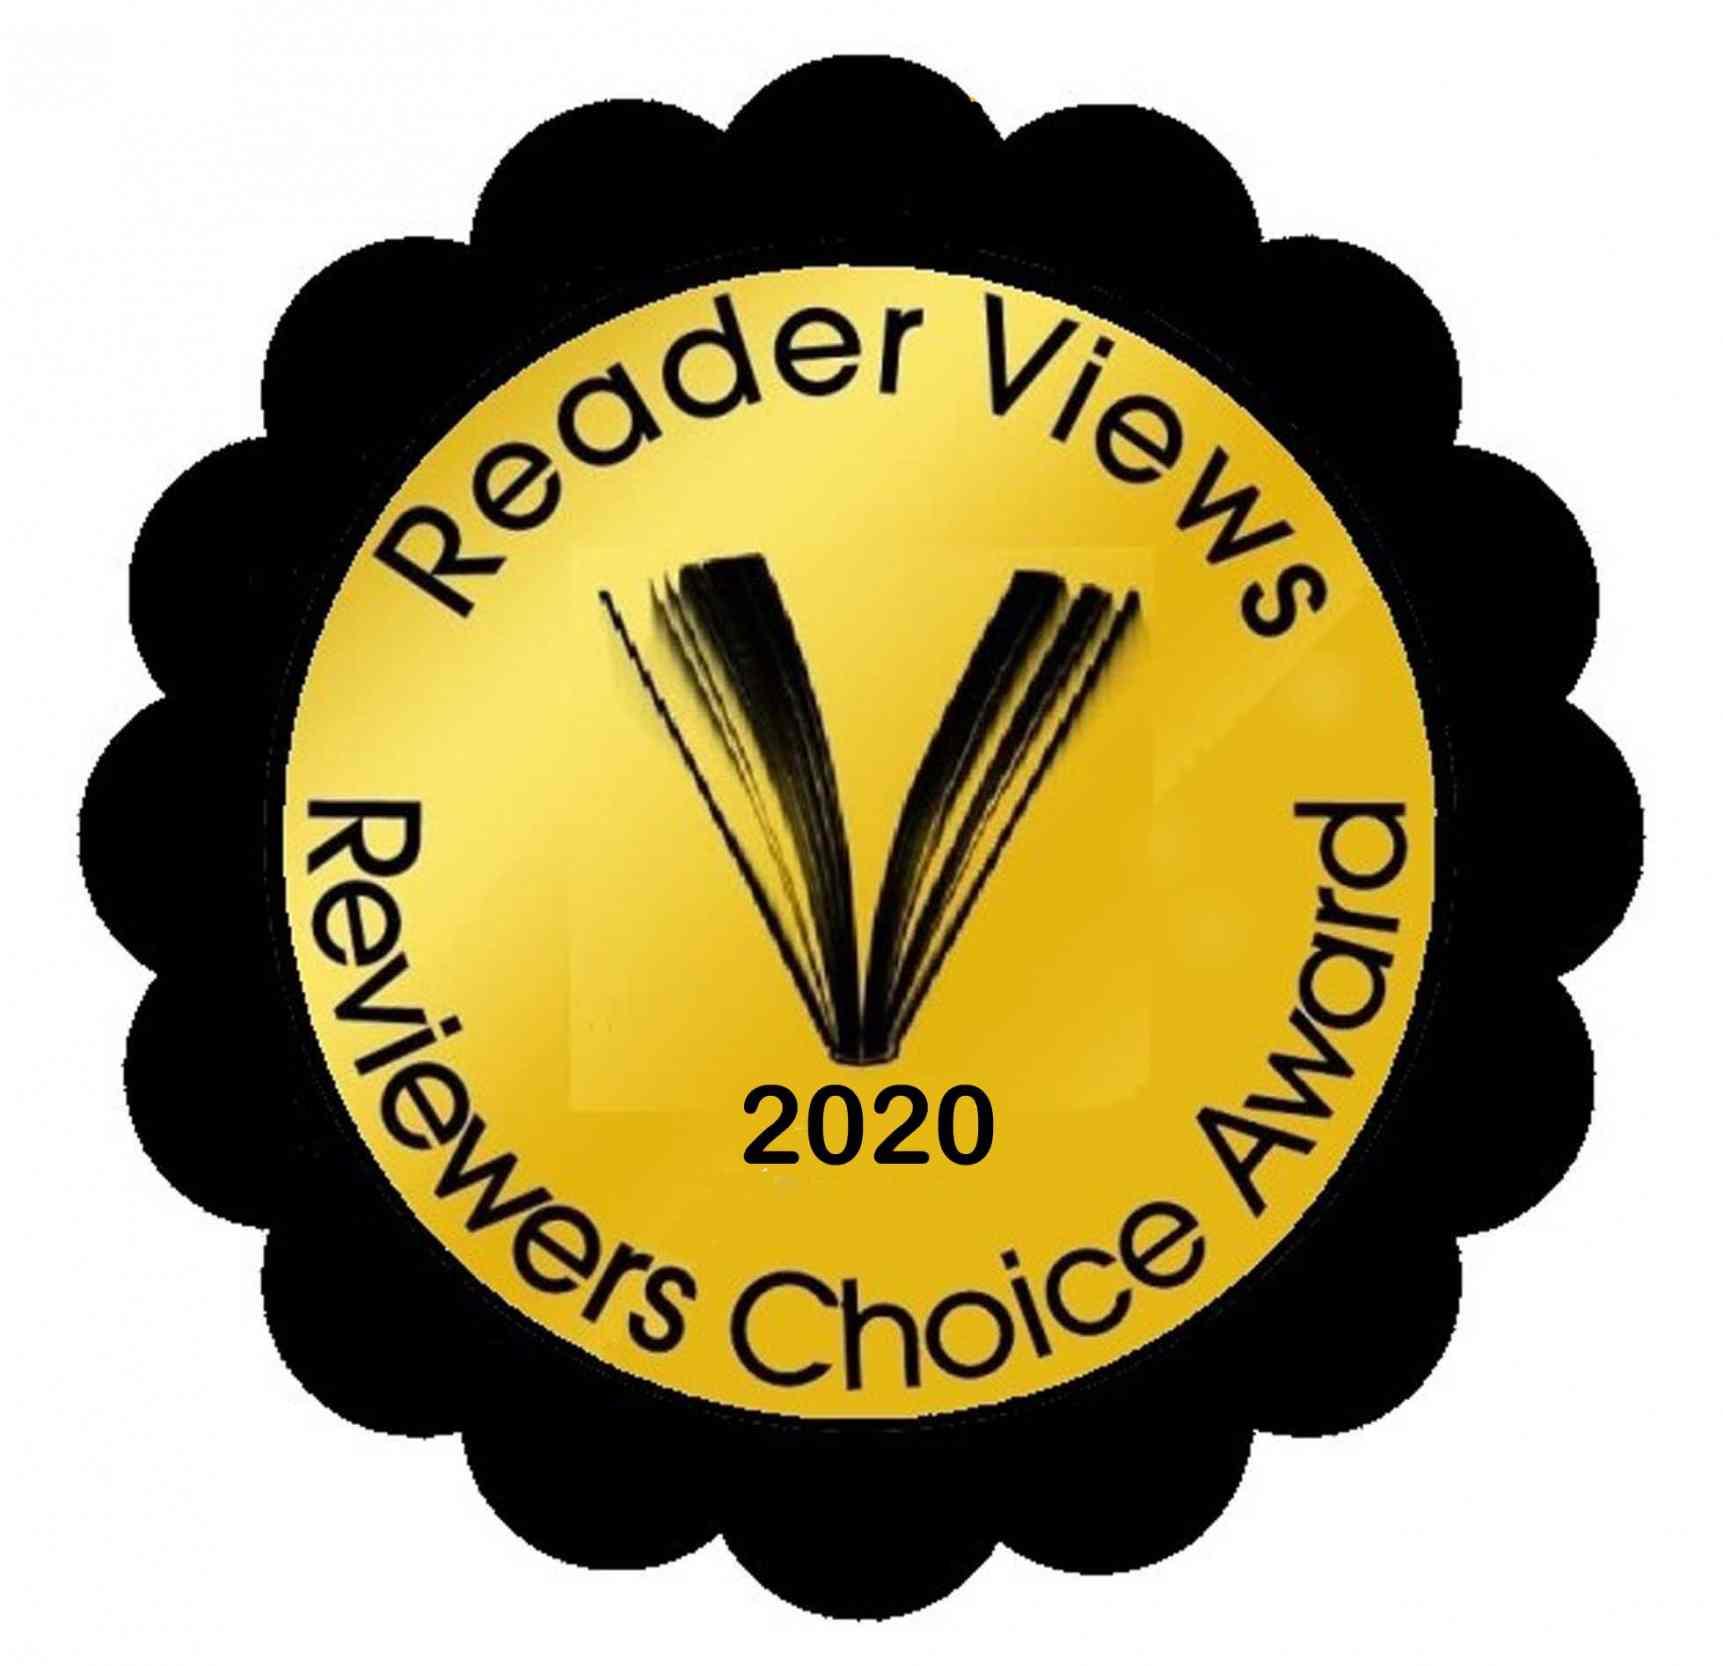 2019/2020 Reader Views Literary Awards